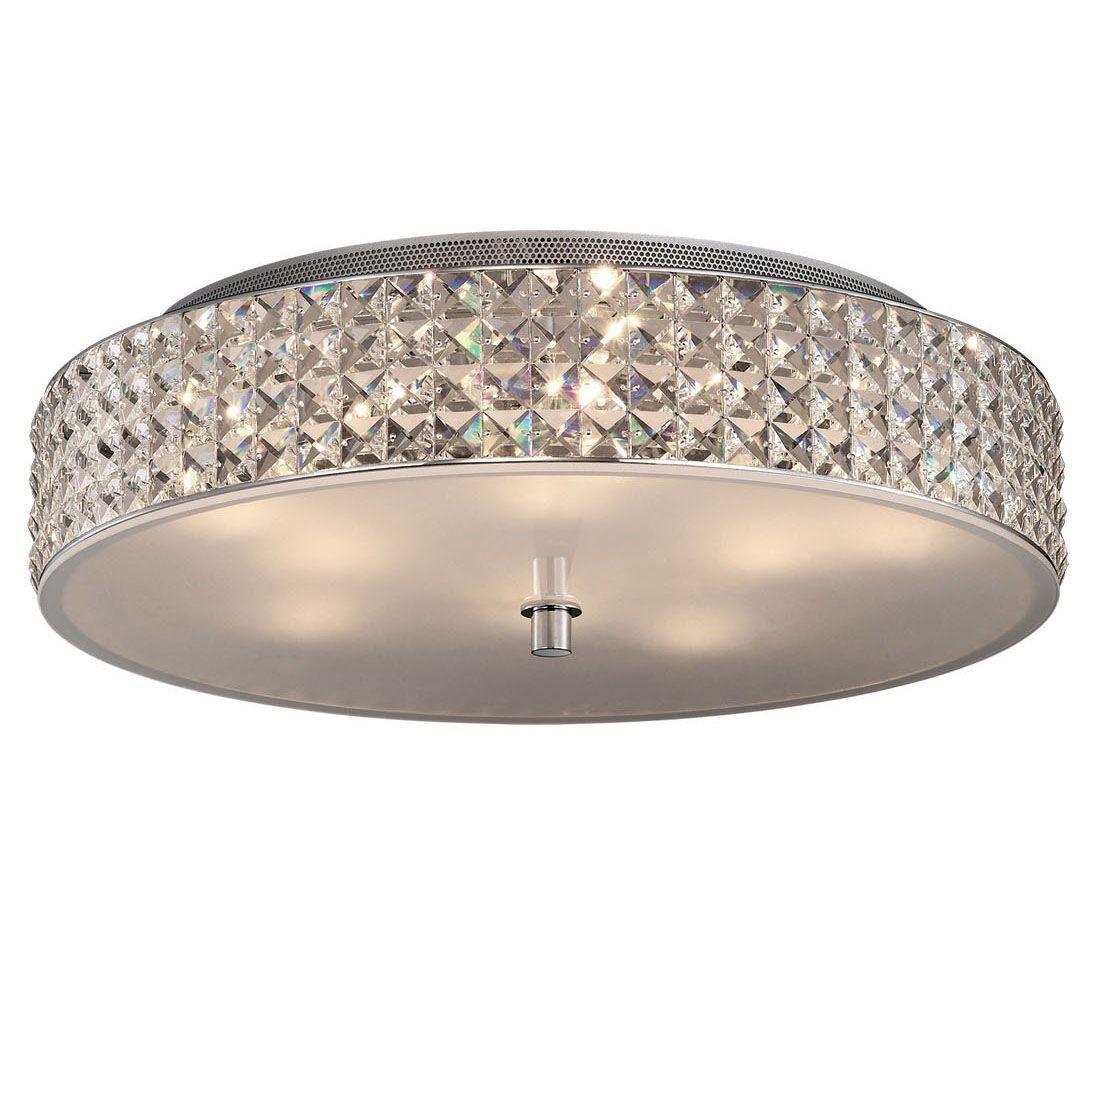 Купить Потолочный светильник Ideal Lux Roma PL в интернет магазине дизайнерской мебели и аксессуаров для дома и дачи